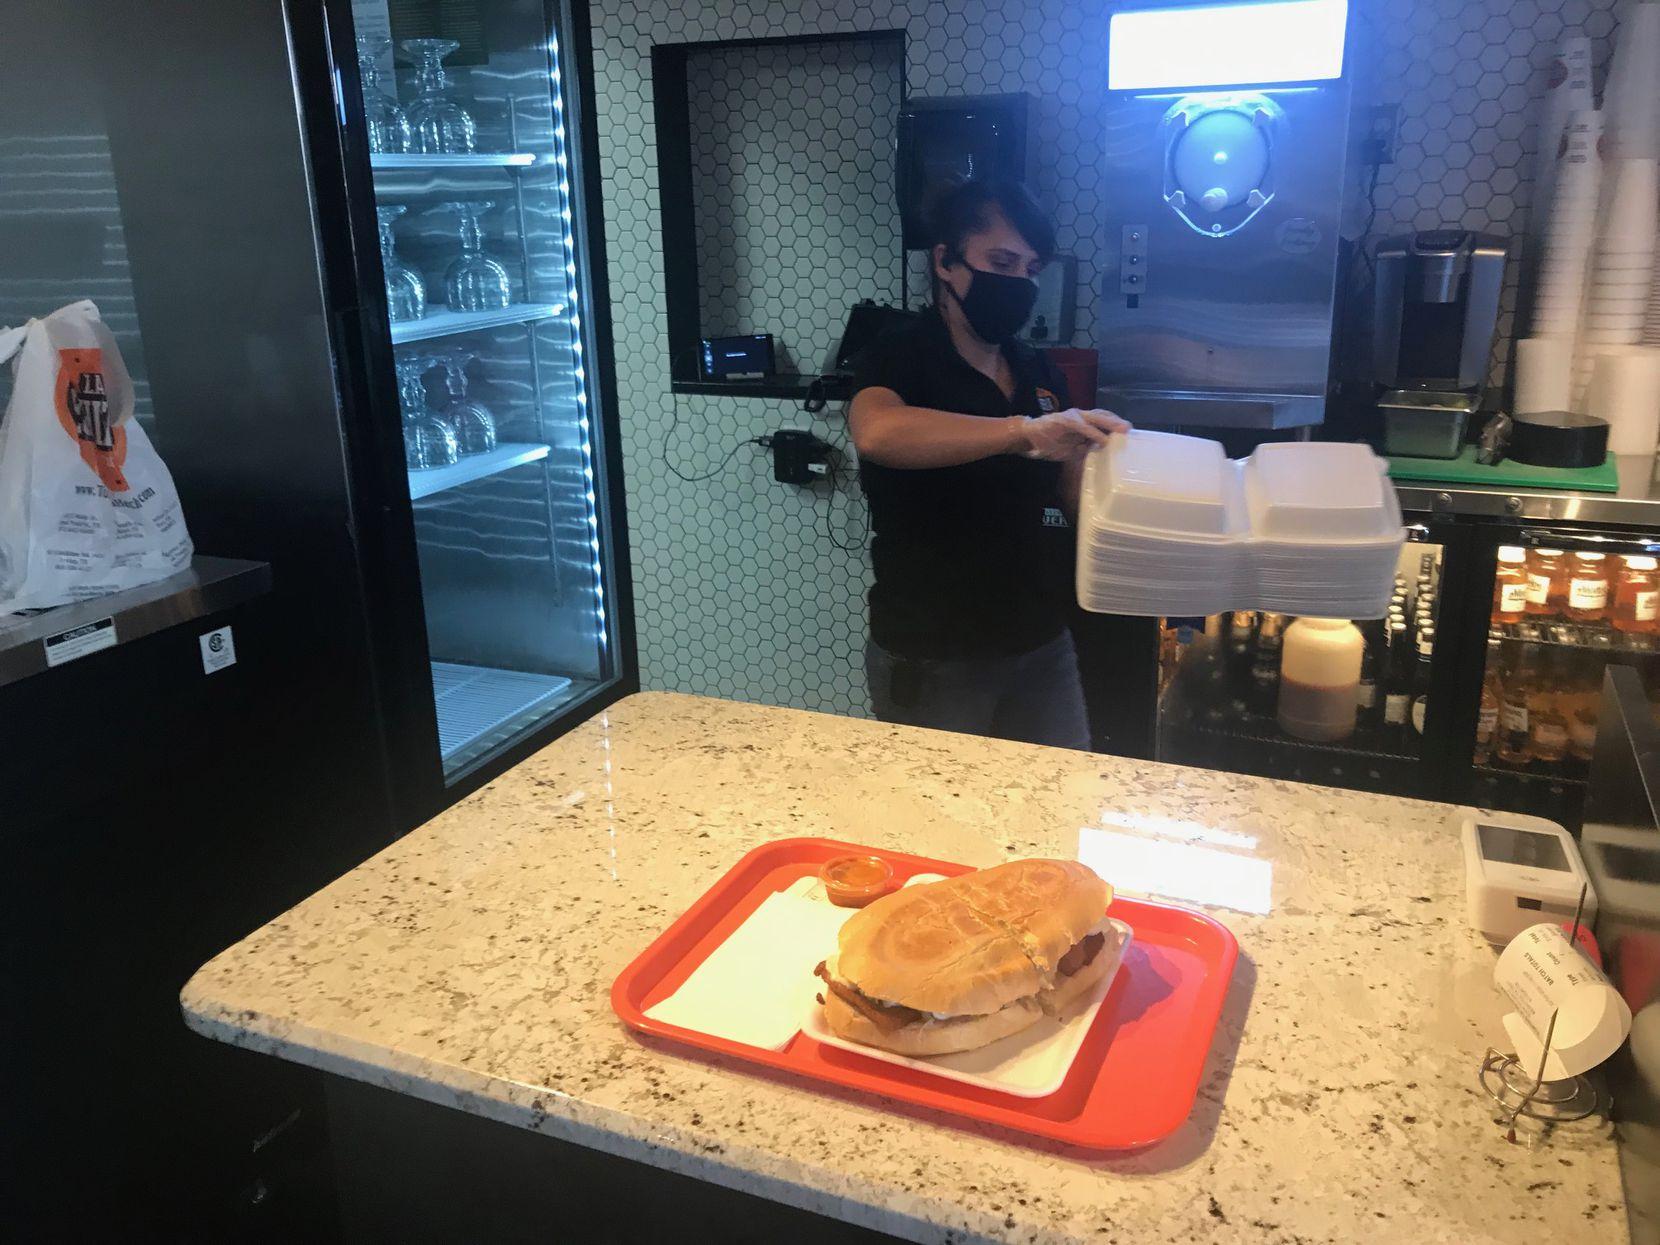 Paulina Trejo acomoda unos contenedores de comida para llevar en el restaurante Tortas La Hechicera de Arlington, el 21 de octubre de 2020.